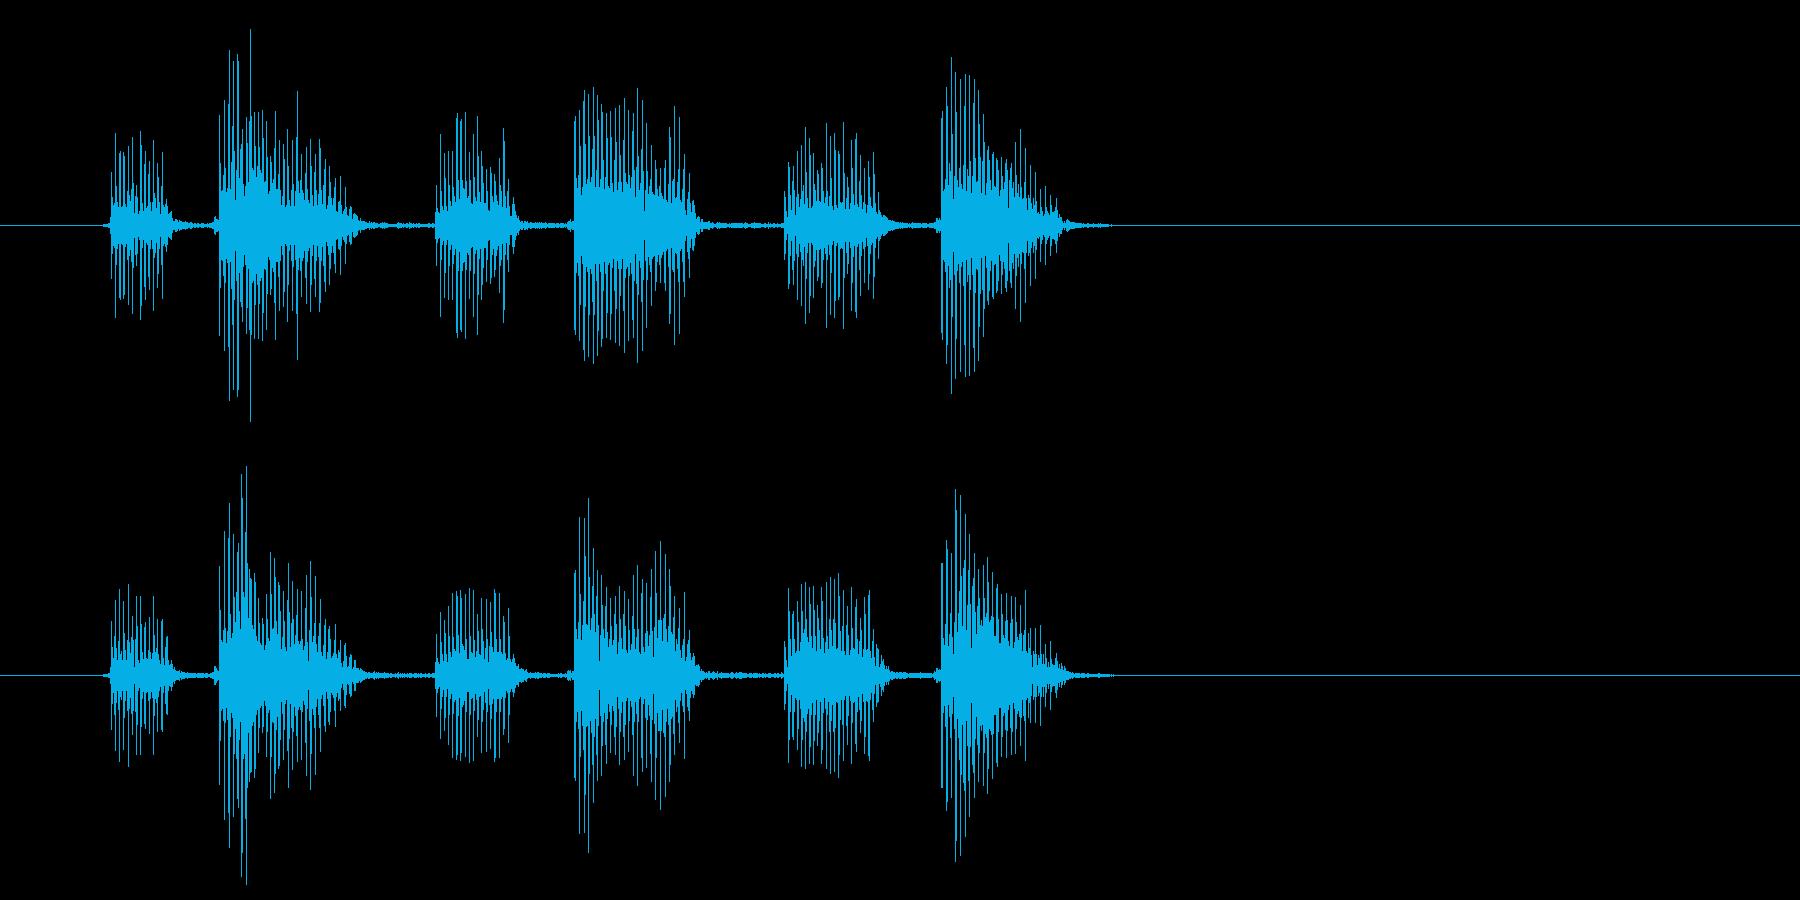 ボヤボヤ・・(宇宙人の不気味な話し声)の再生済みの波形